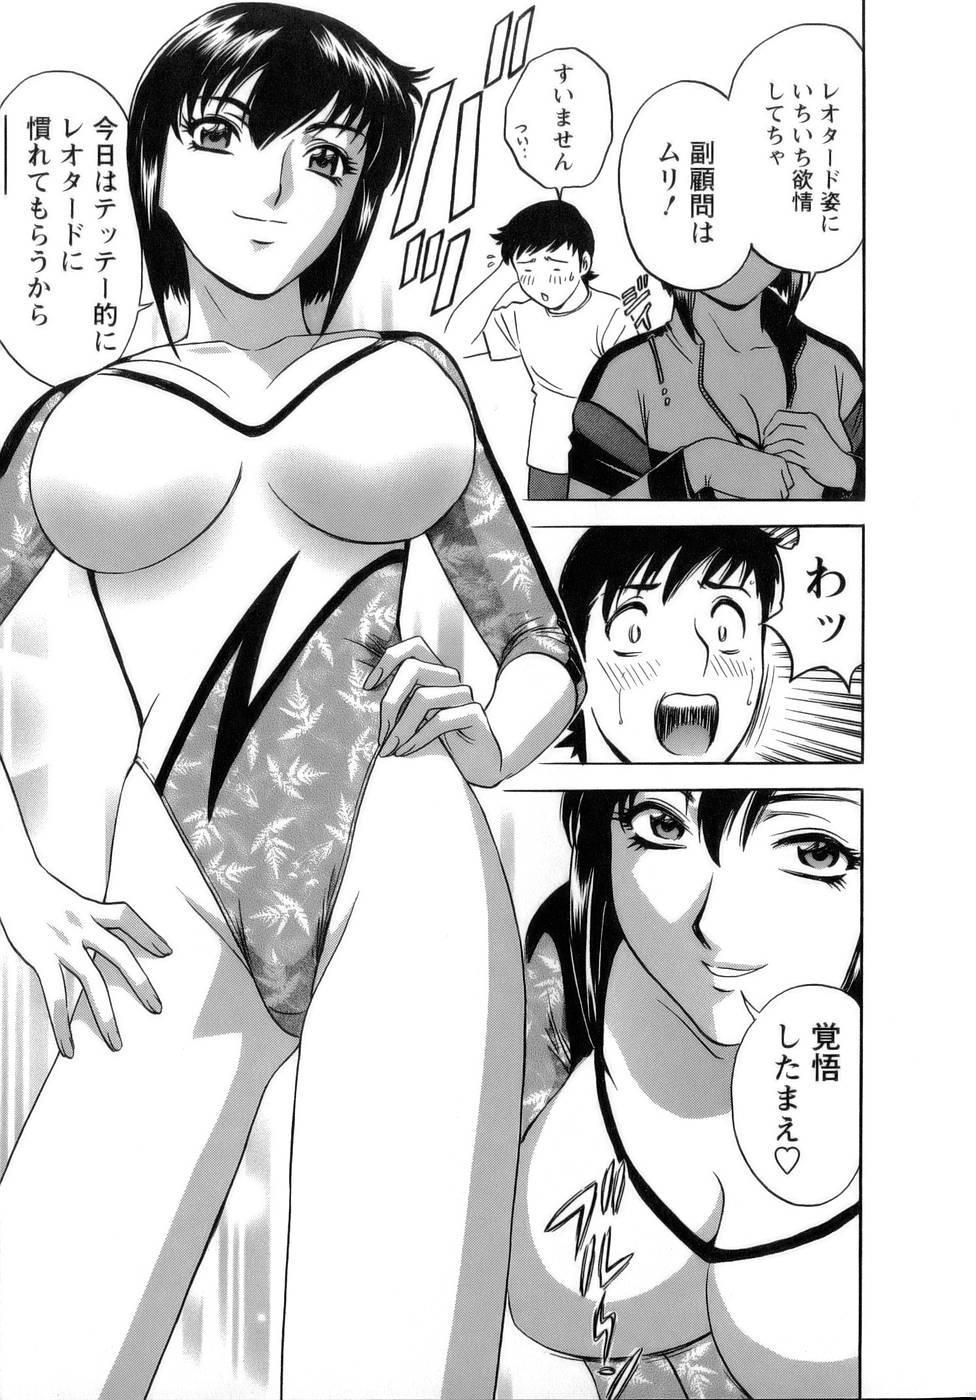 [Hidemaru] Mo-Retsu! Boin Sensei (Boing Boing Teacher) Vol.1 39